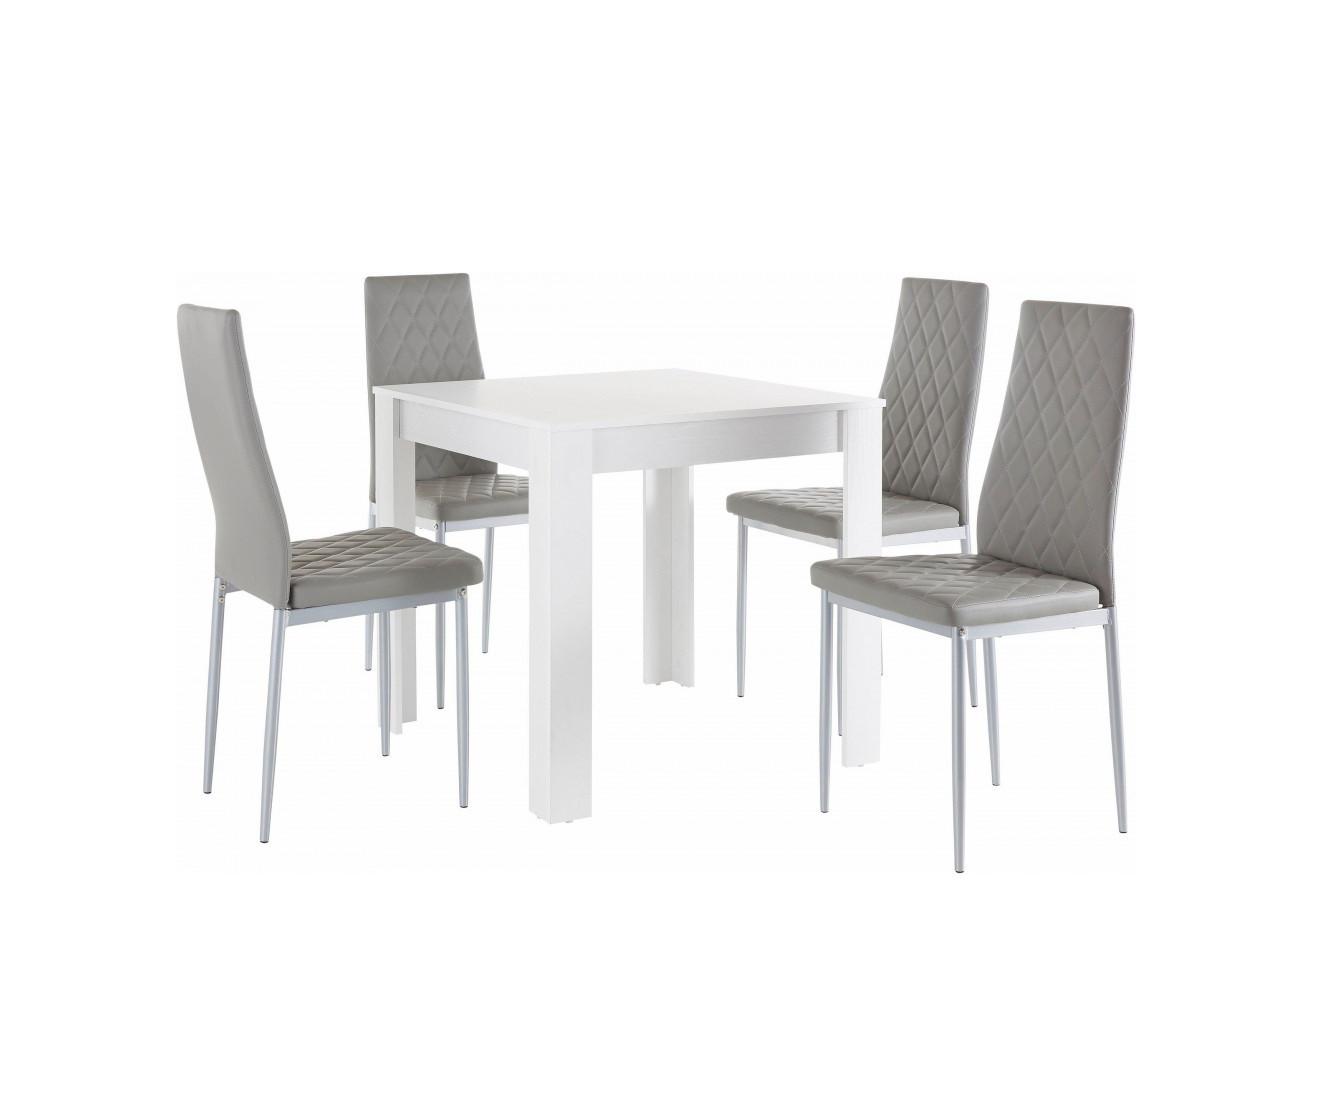 Seturi de mobila pentru dining & bucătărie